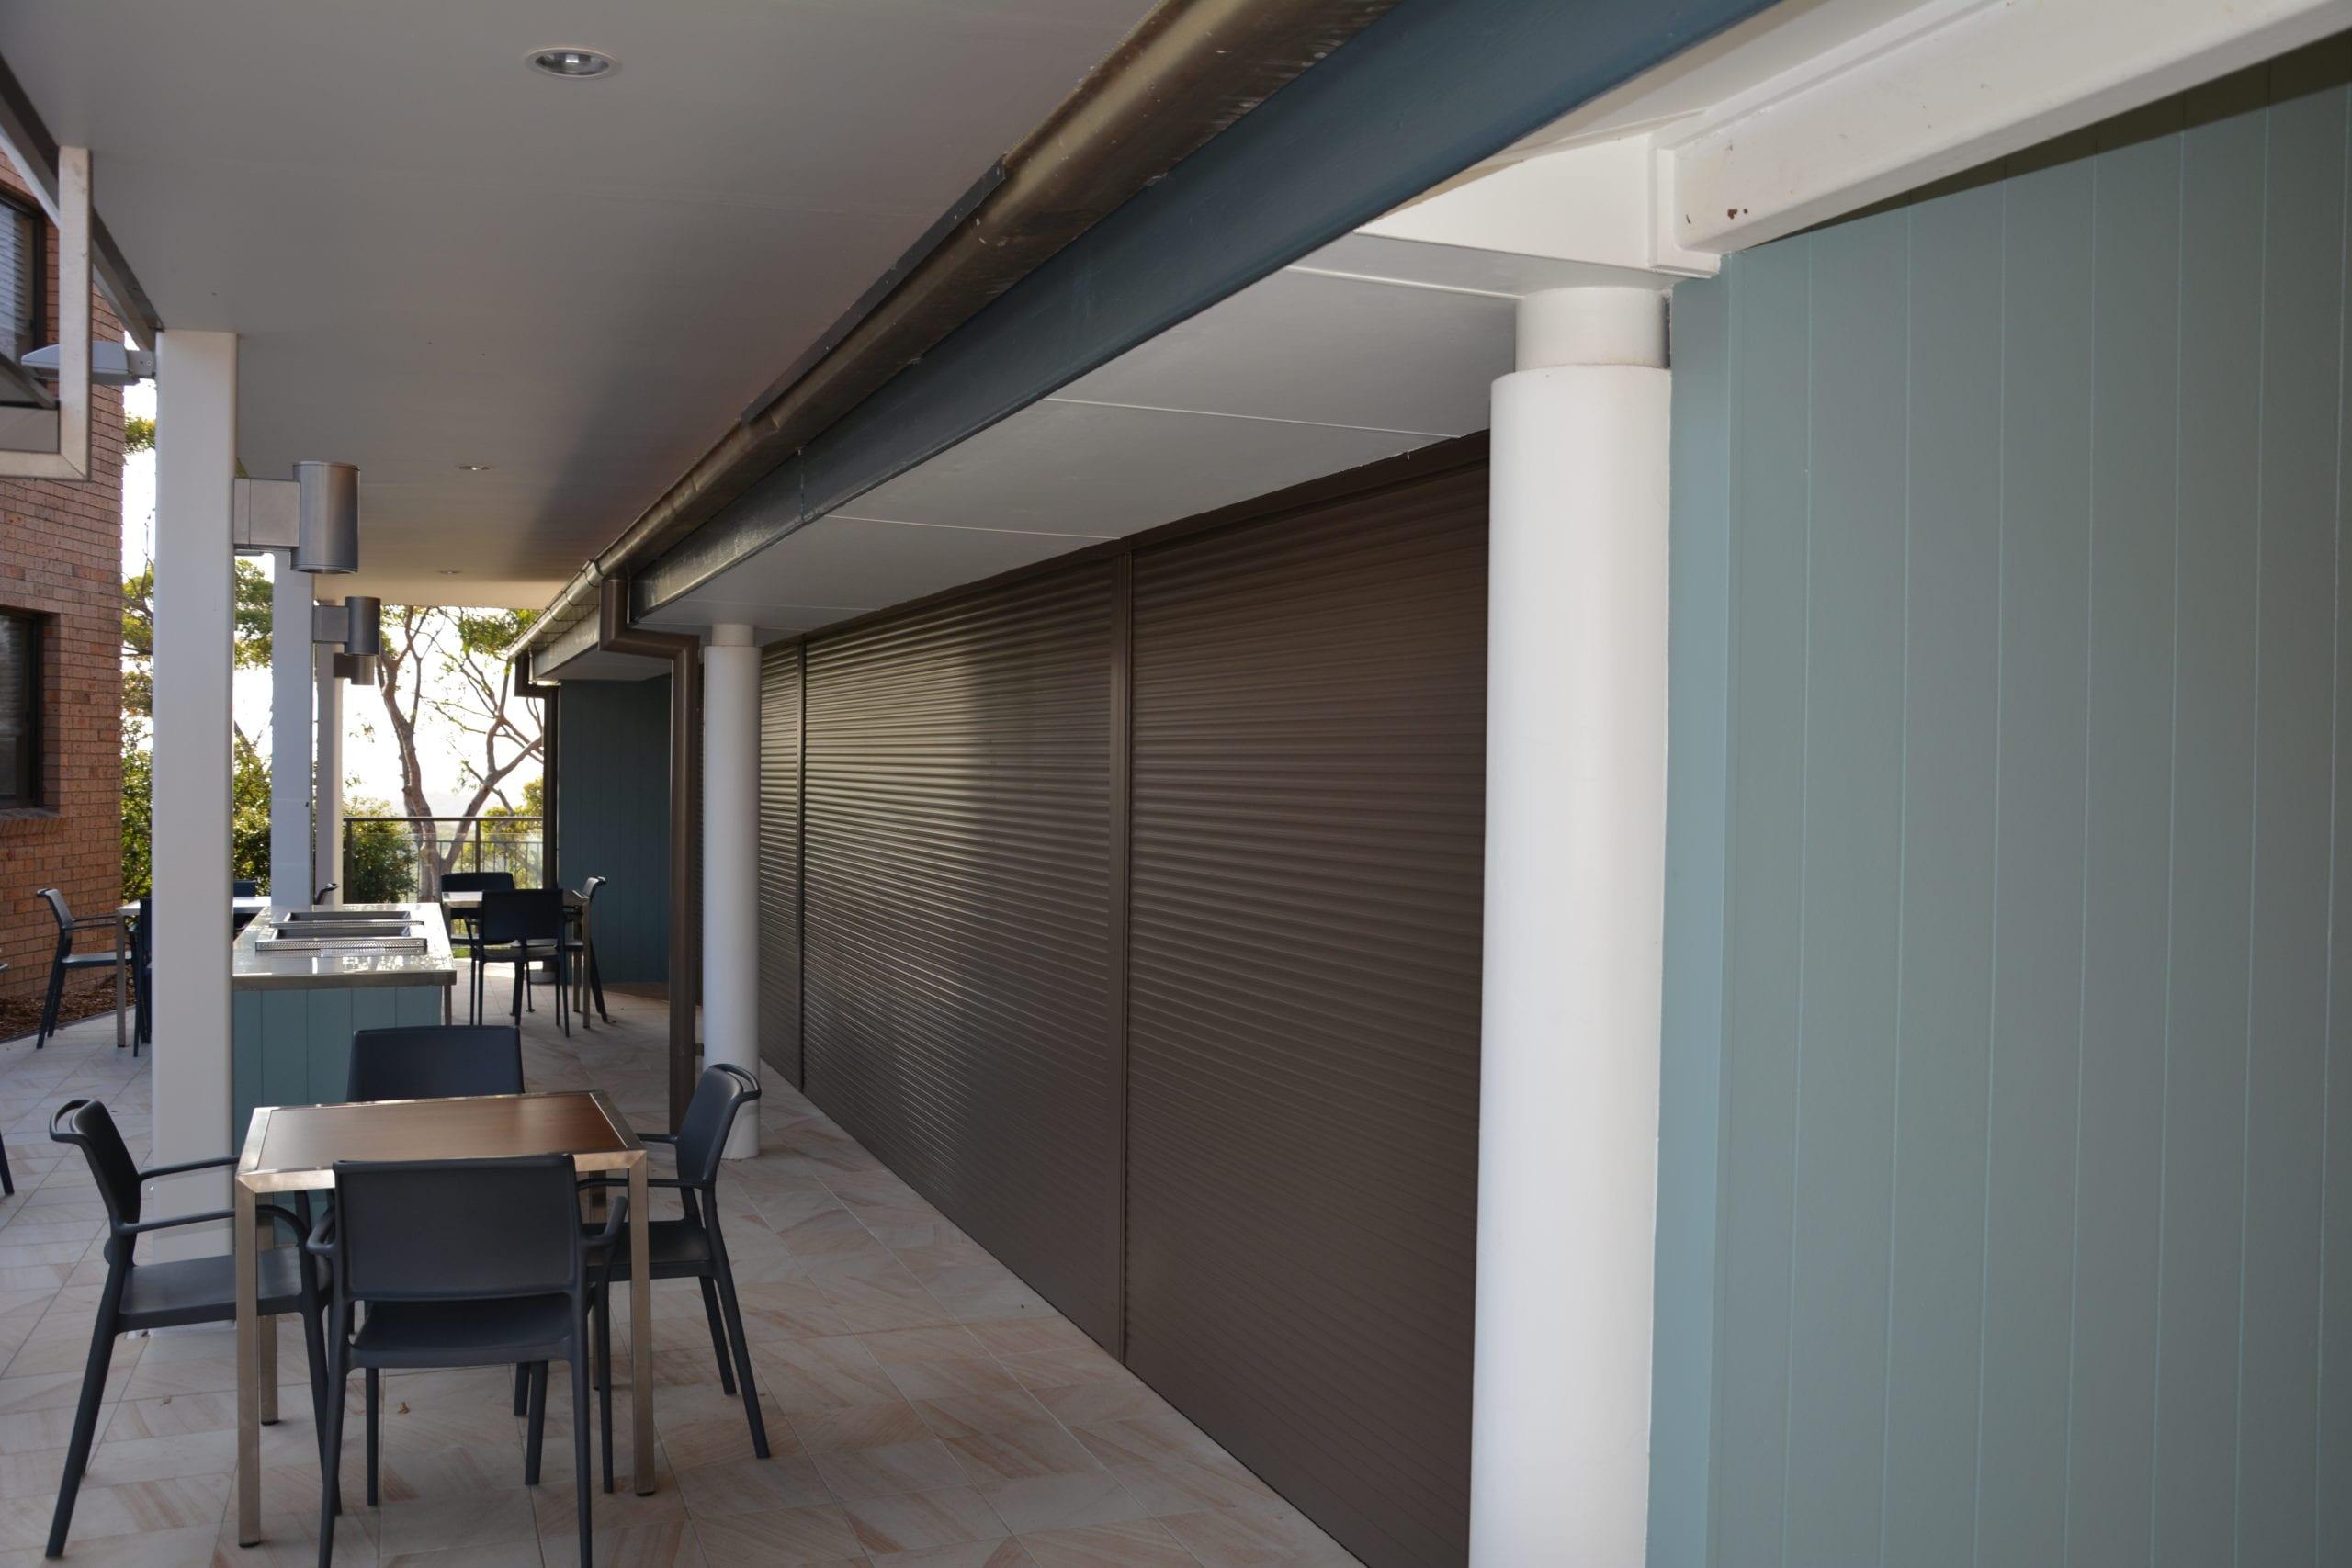 bushfire shutters